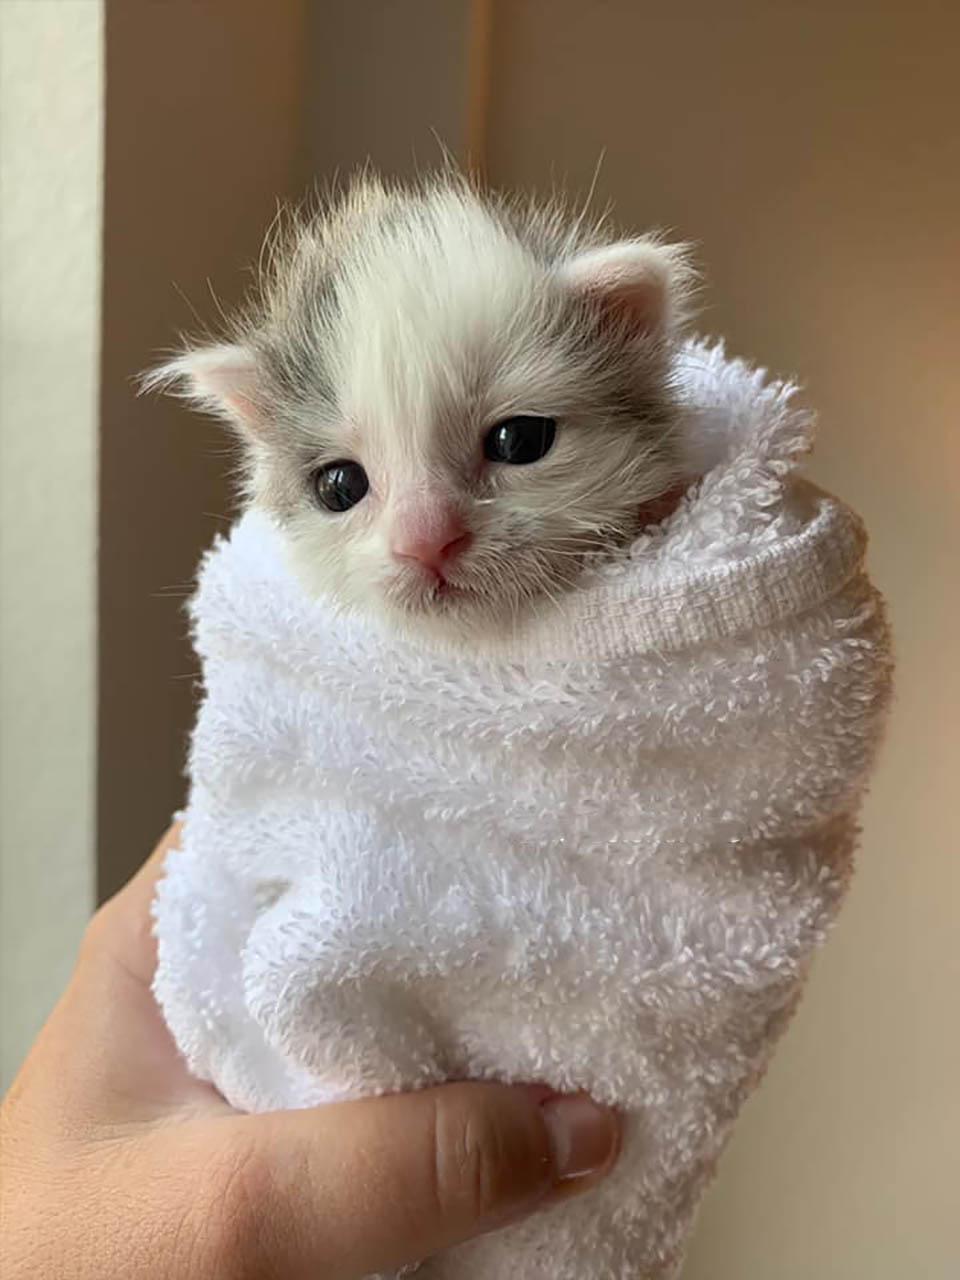 Gatito encontrado en un patio muestra su espíritu de lucha